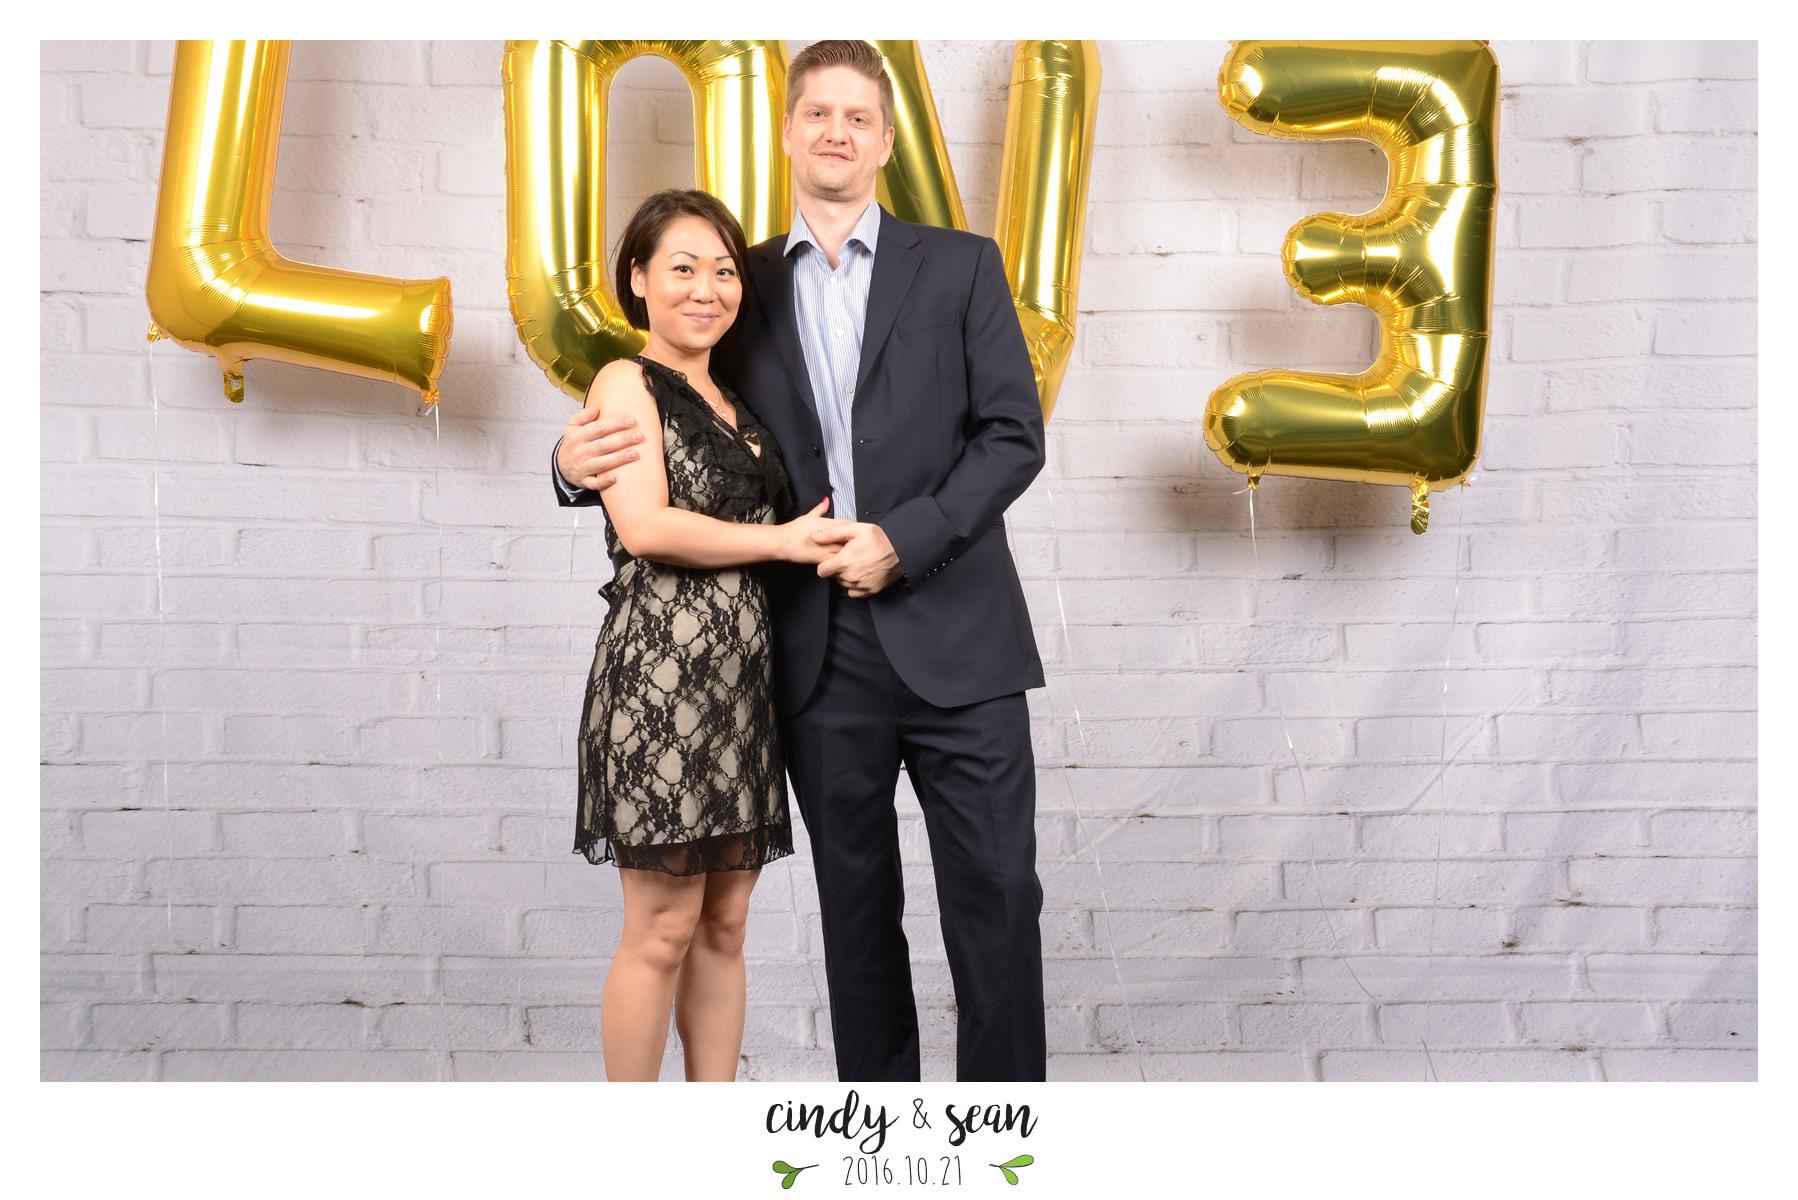 Cindy Sean Bae - 0001-2.jpg